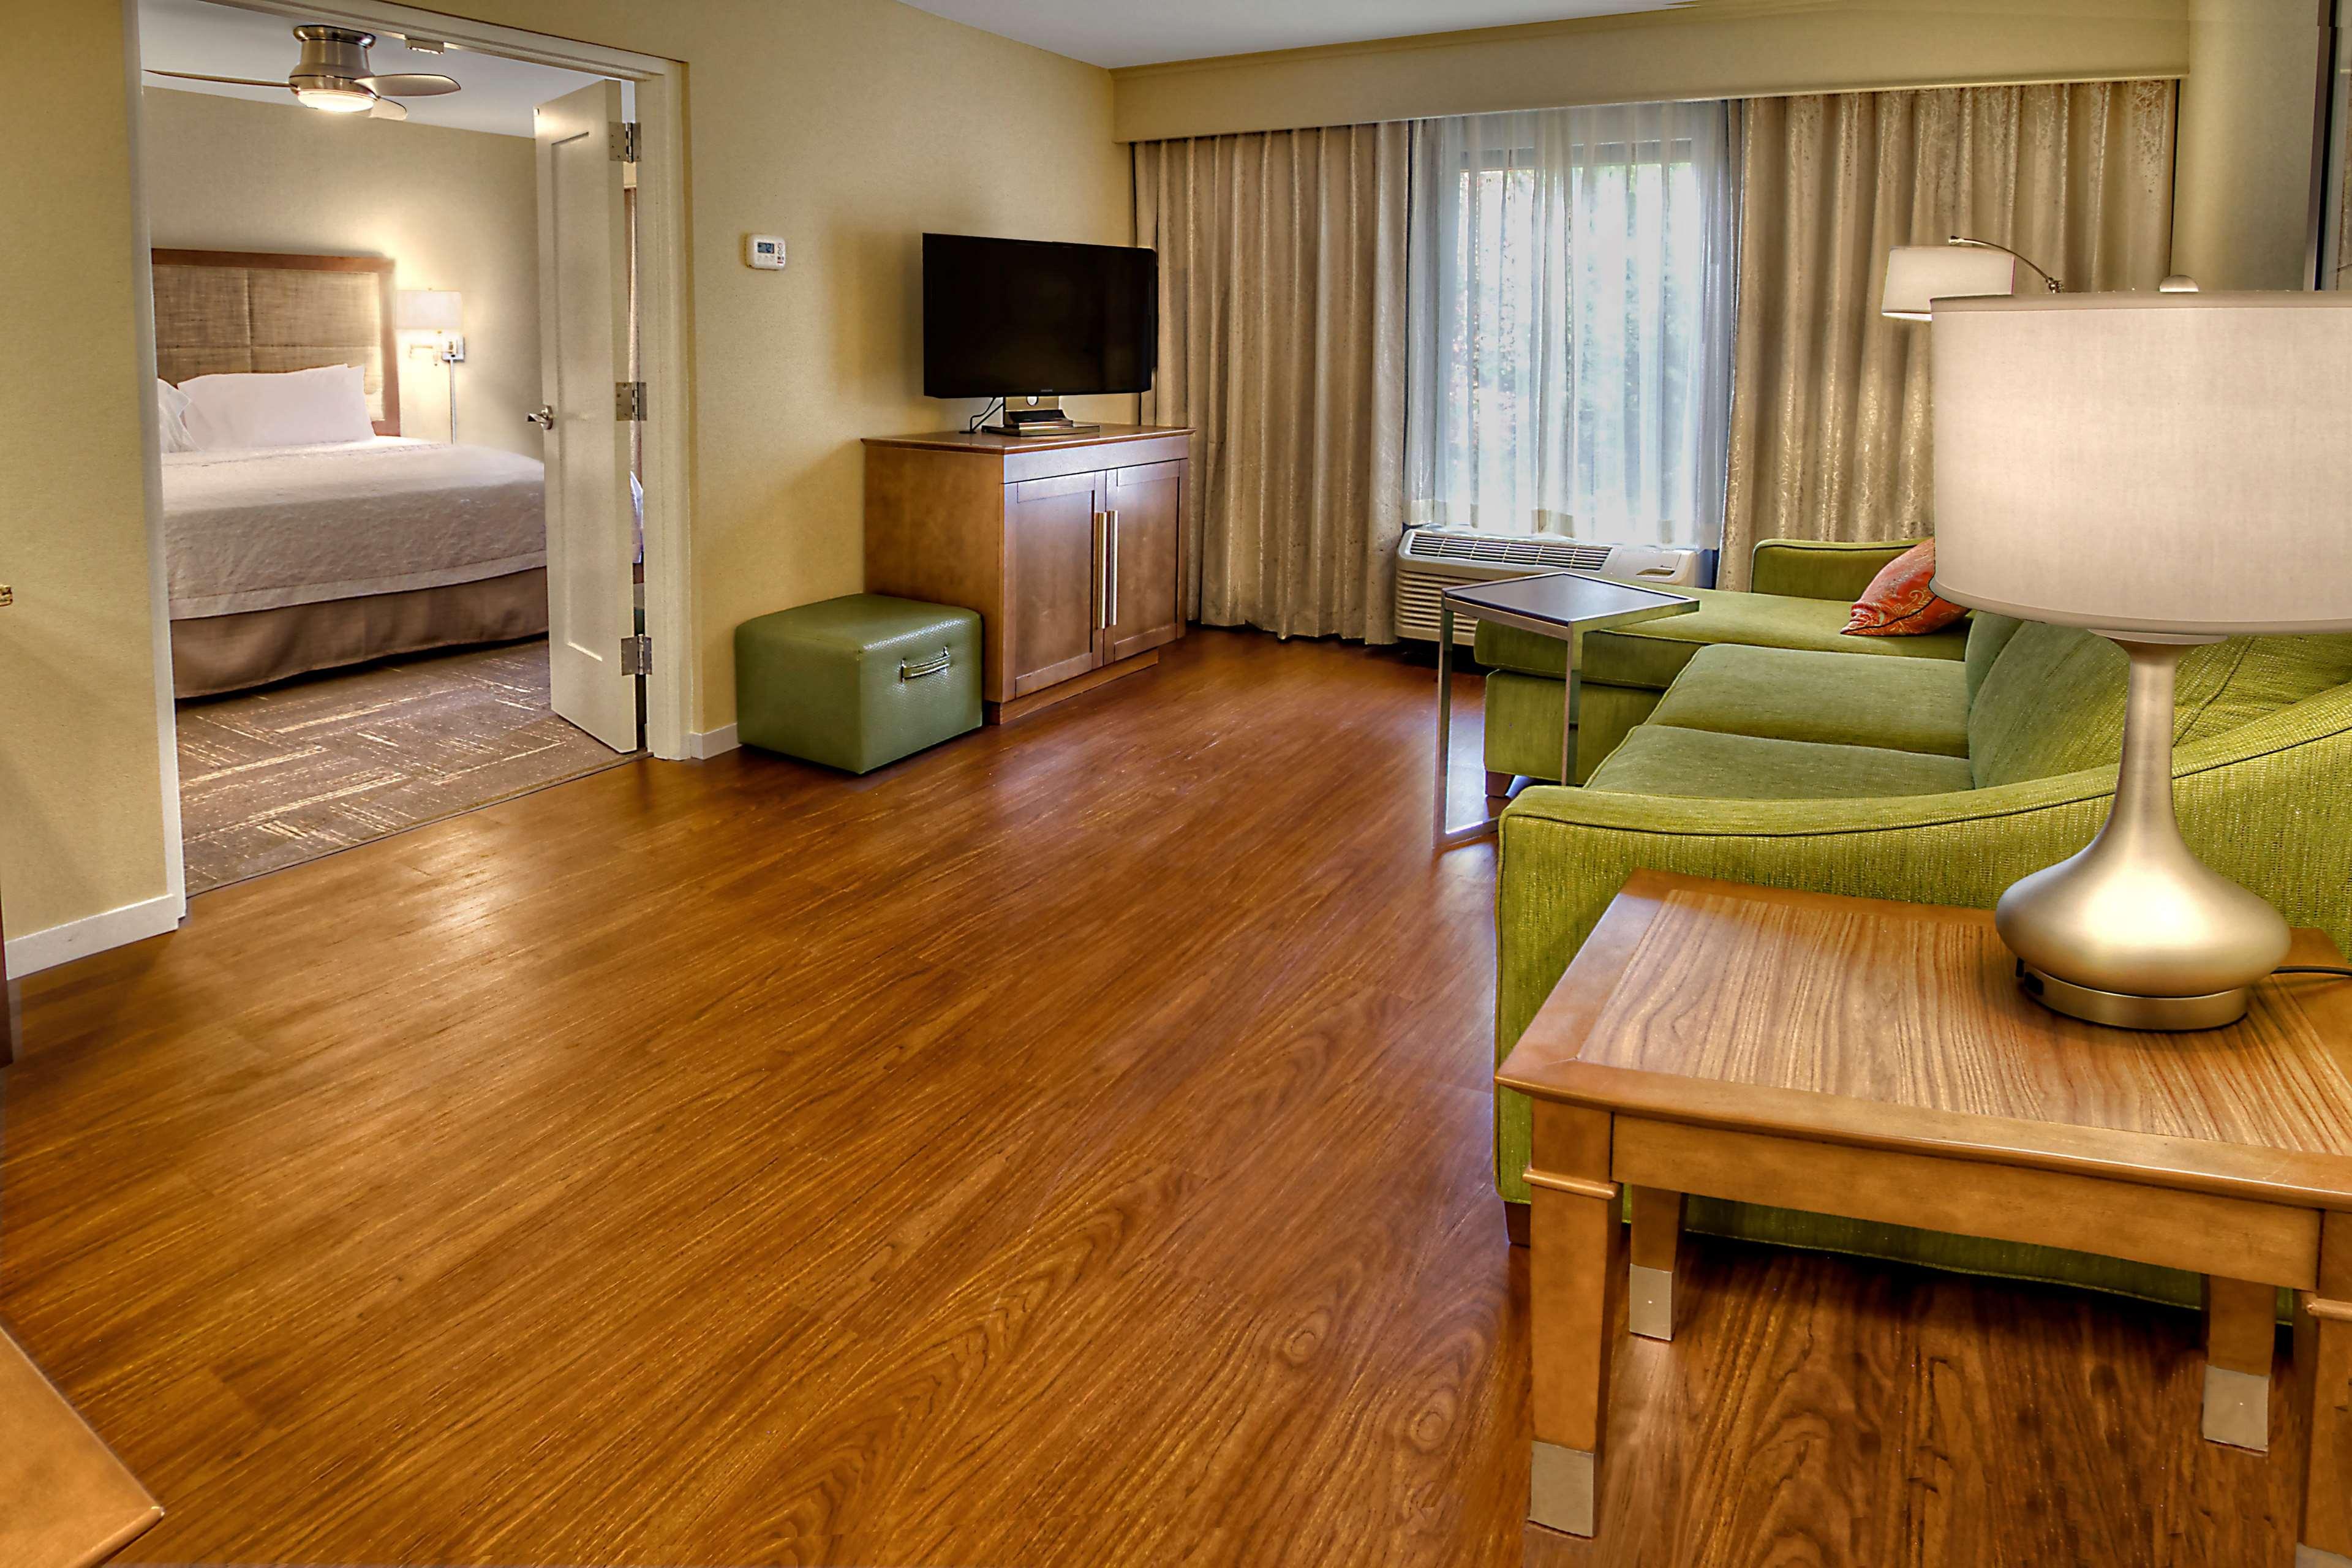 Hampton Inn & Suites Asheville-I-26 image 27